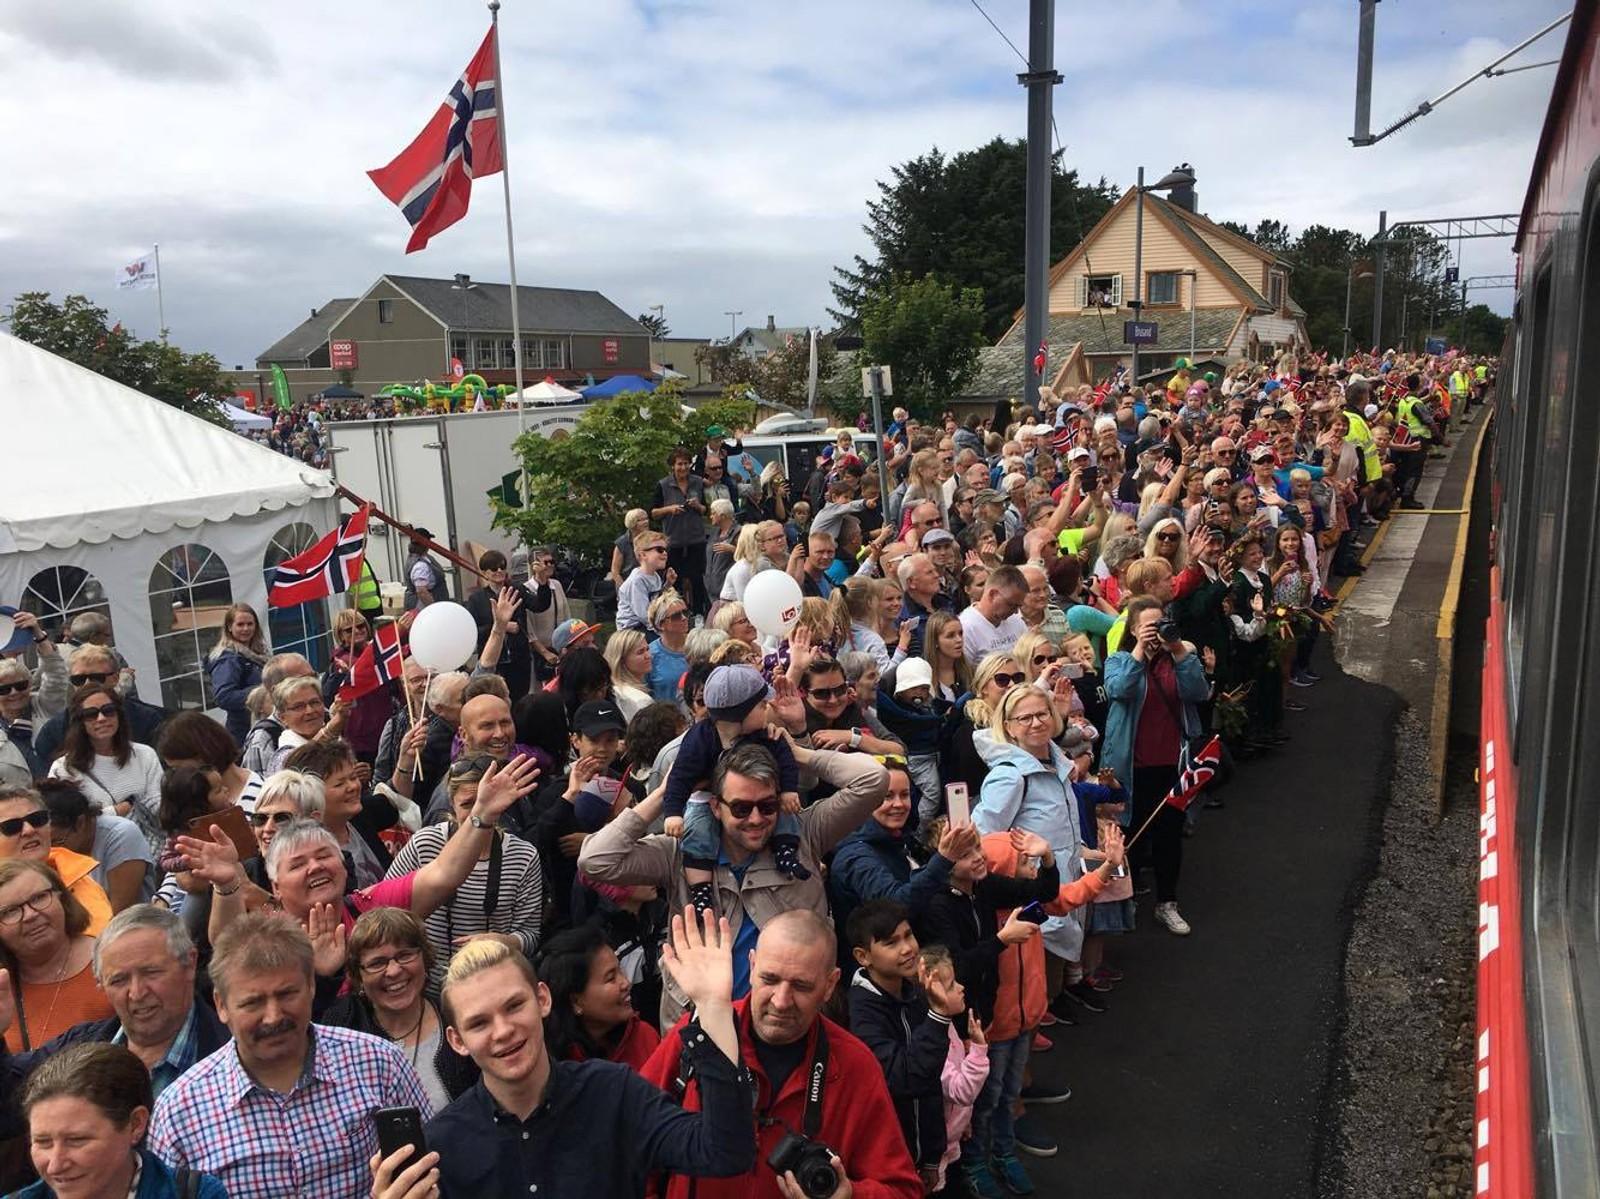 Mange jærbuer hadde møtt opp for å ønske NRK sitt sommertog velkommen til Brusand.